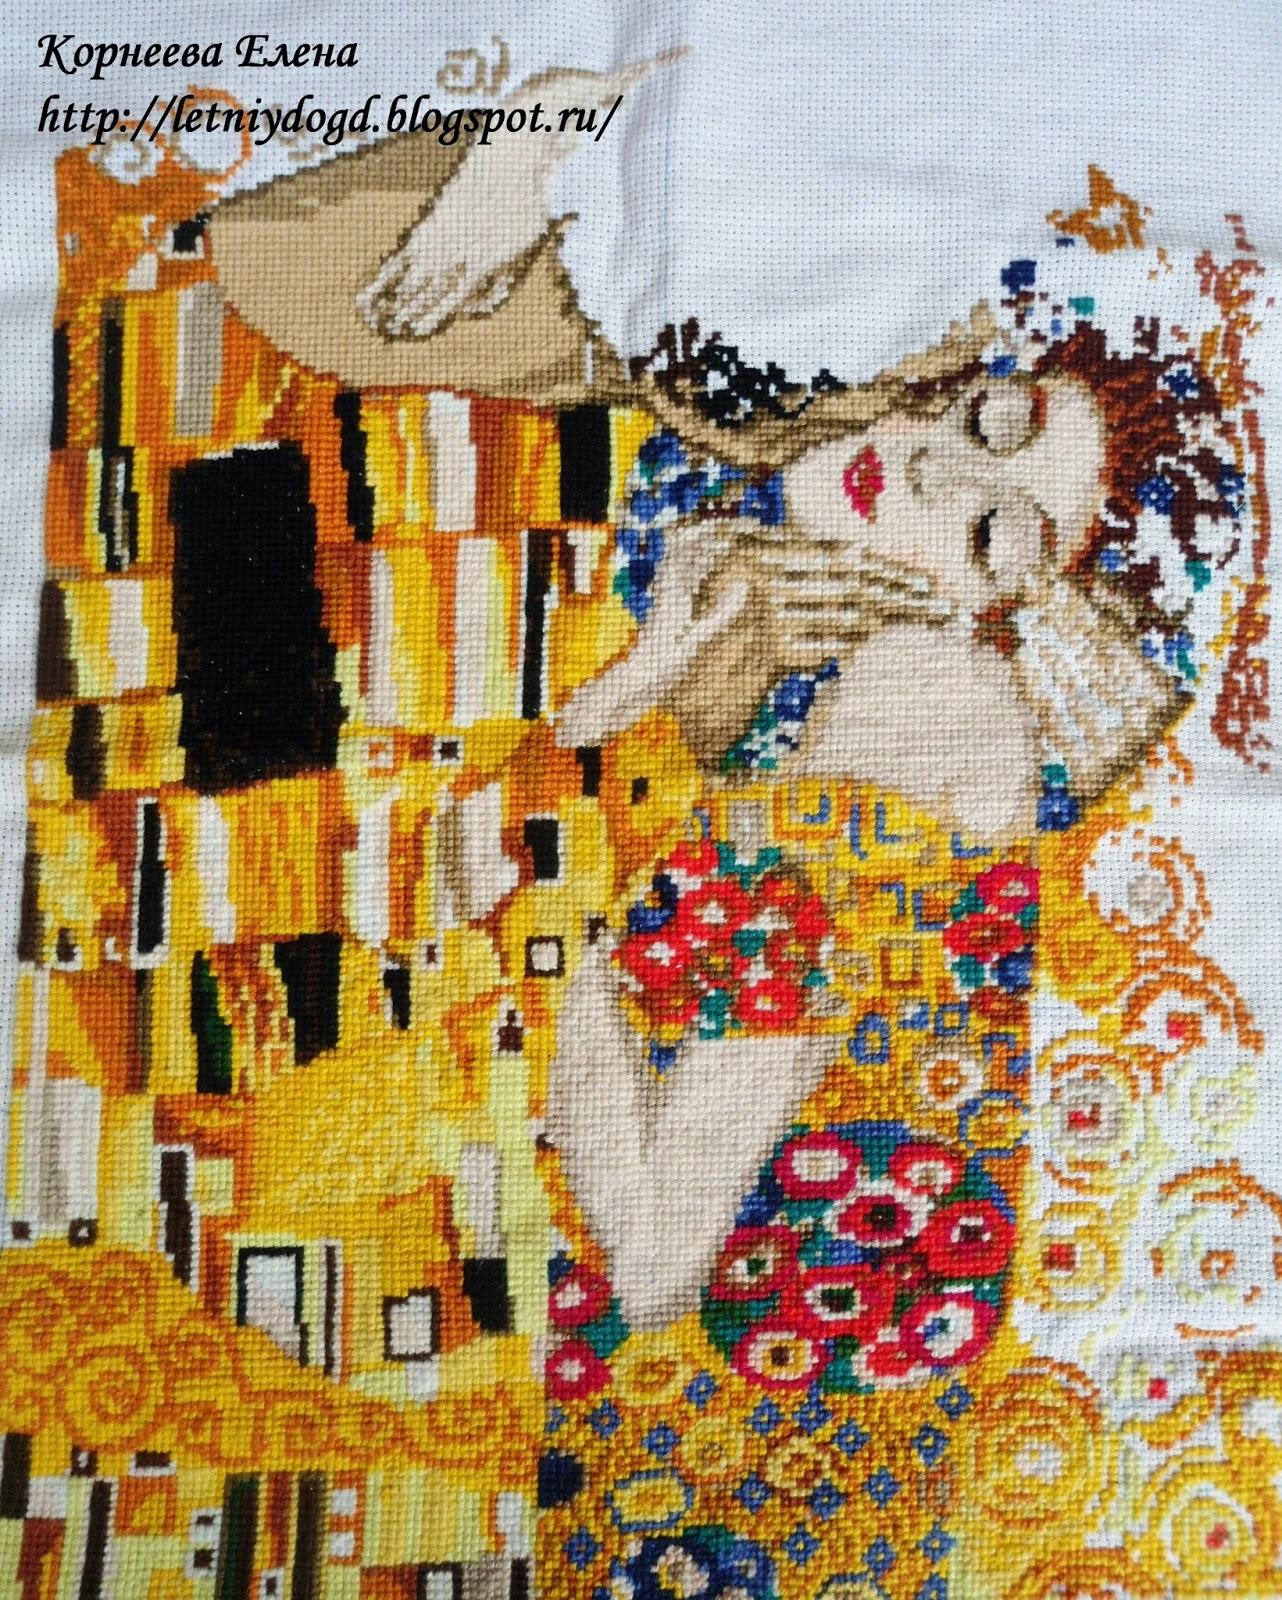 """Вышивка крестом картина Густава Климта """"Поцелуй"""""""